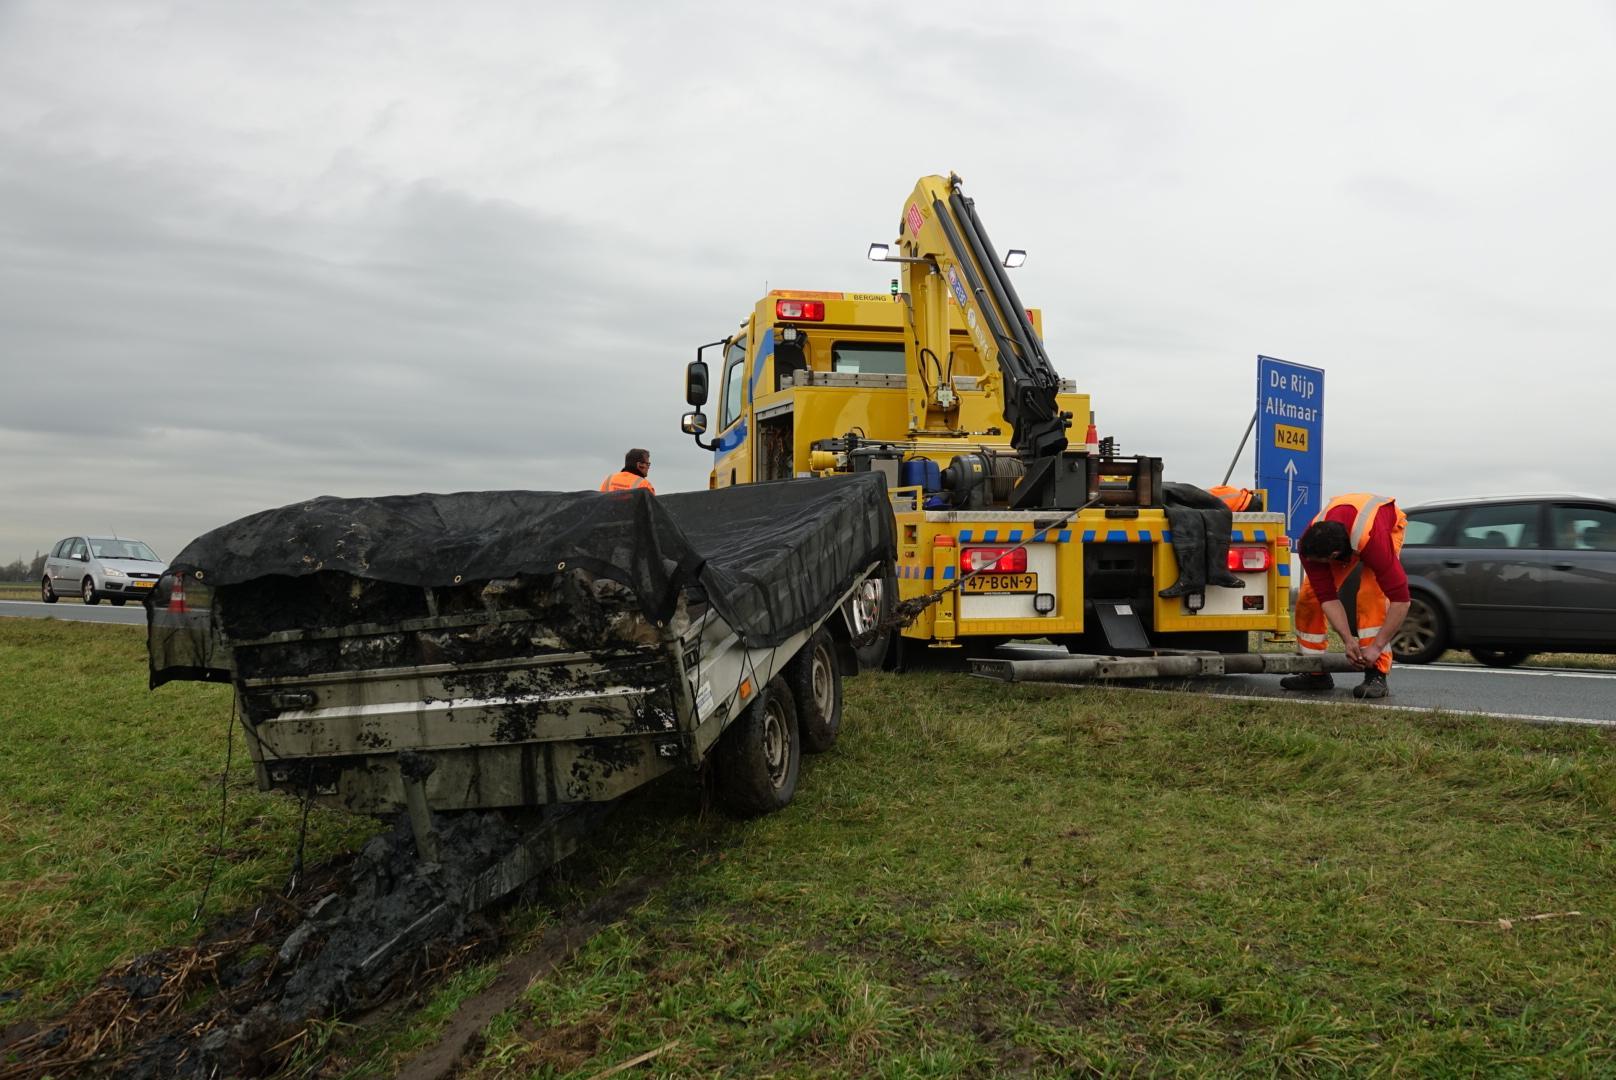 Aanhanger met puin belandt in sloot N244 in Middenbeemster